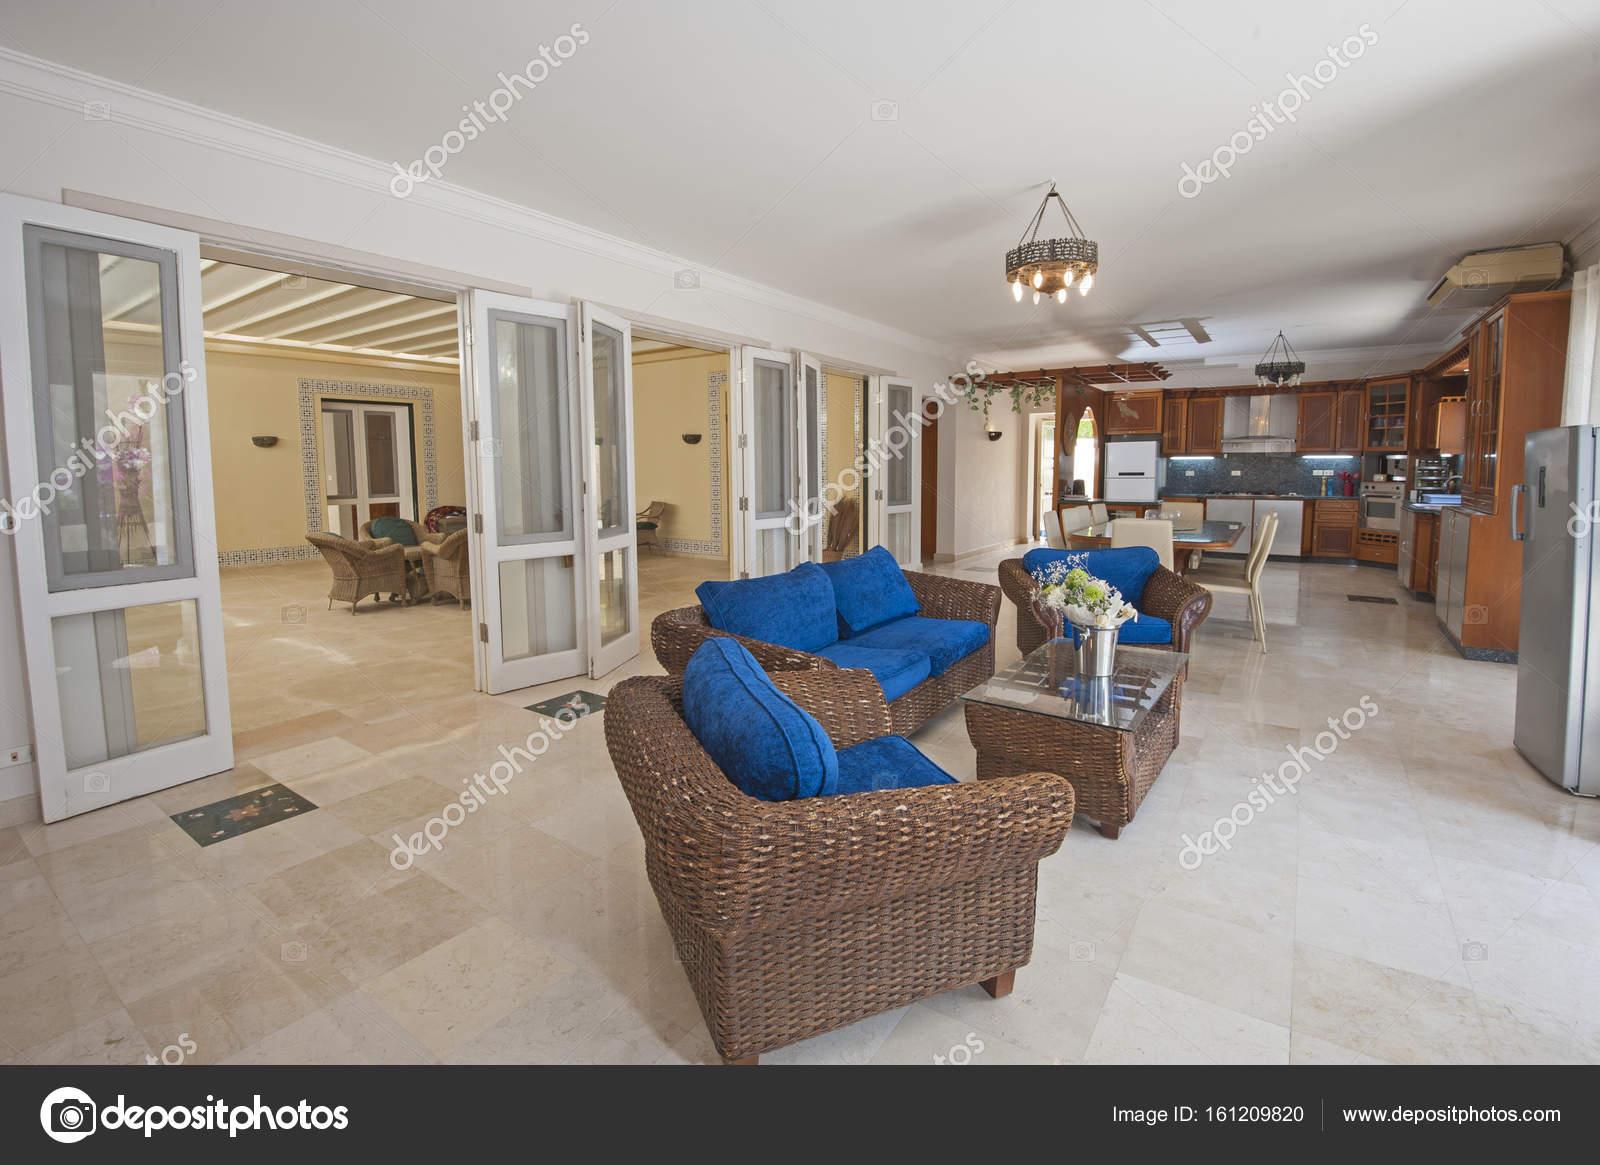 Design De Interiores De Sala De Estar De Apartamento De Luxo Stock  -> Sala De Estar Apartamento Decoracao